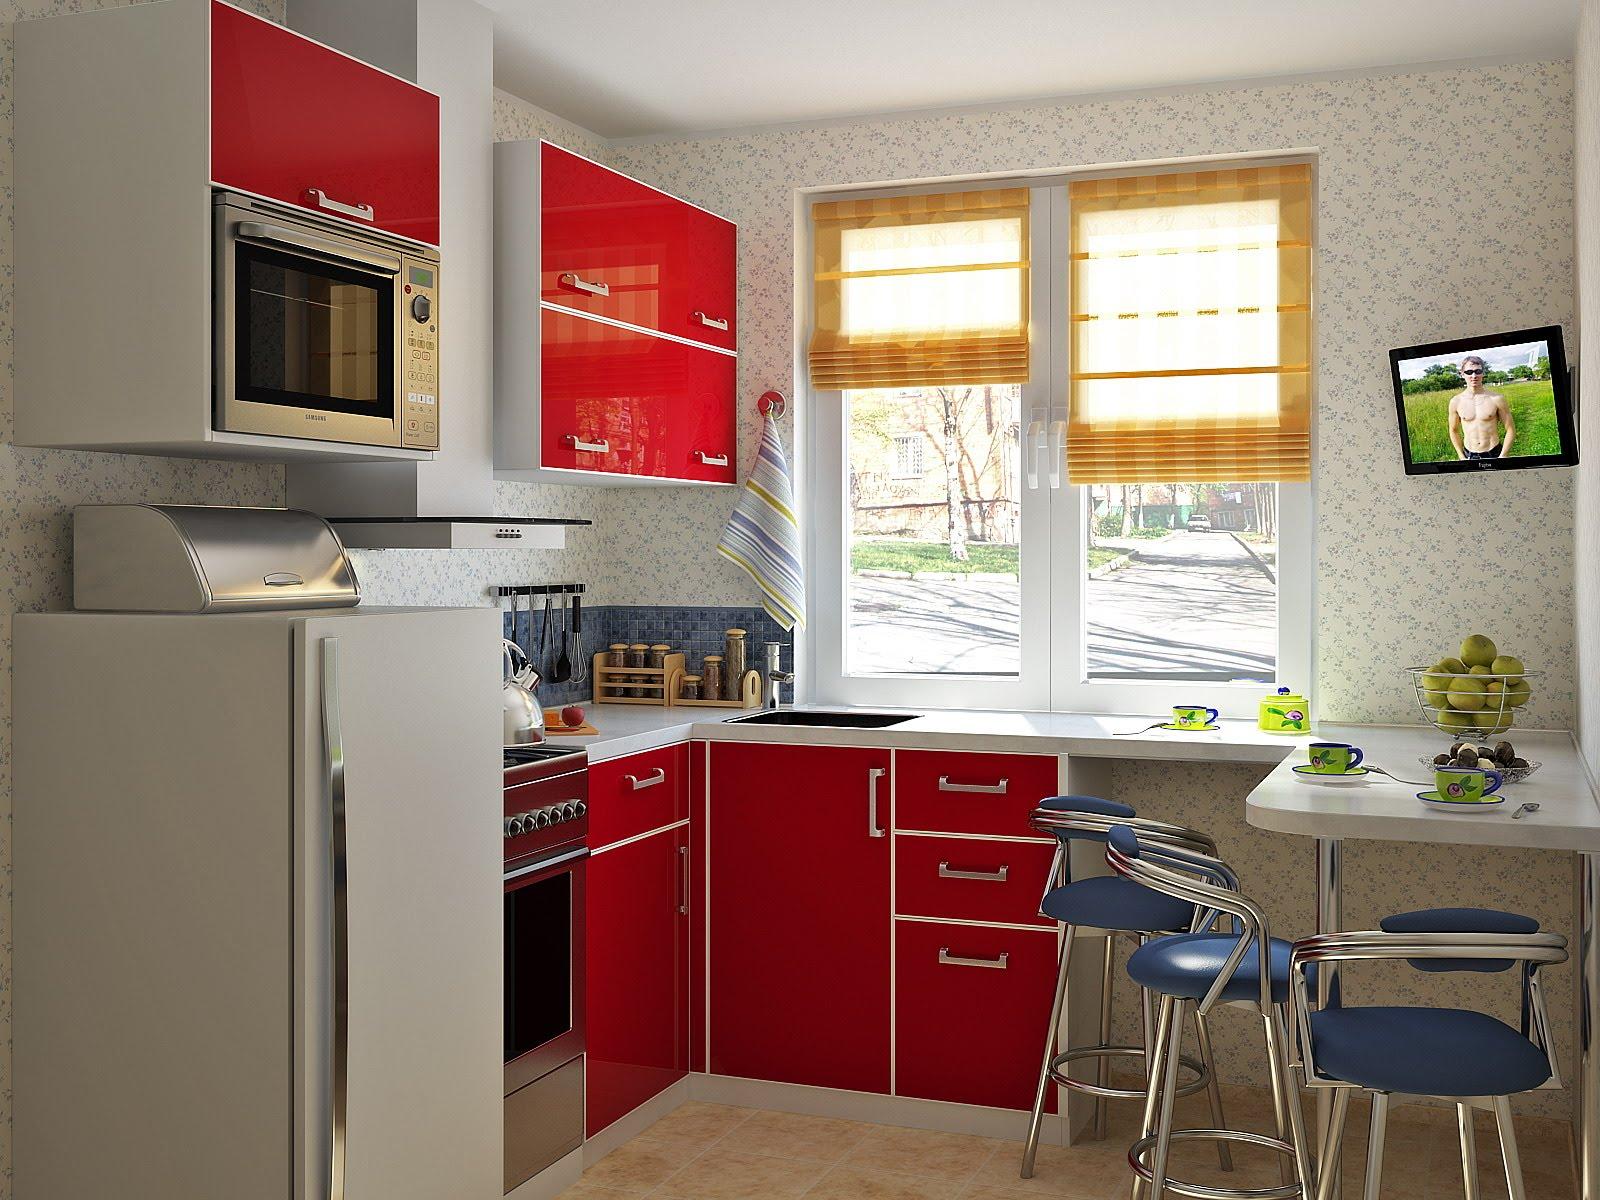 Дизайн кухни фото современные идеи своими руками